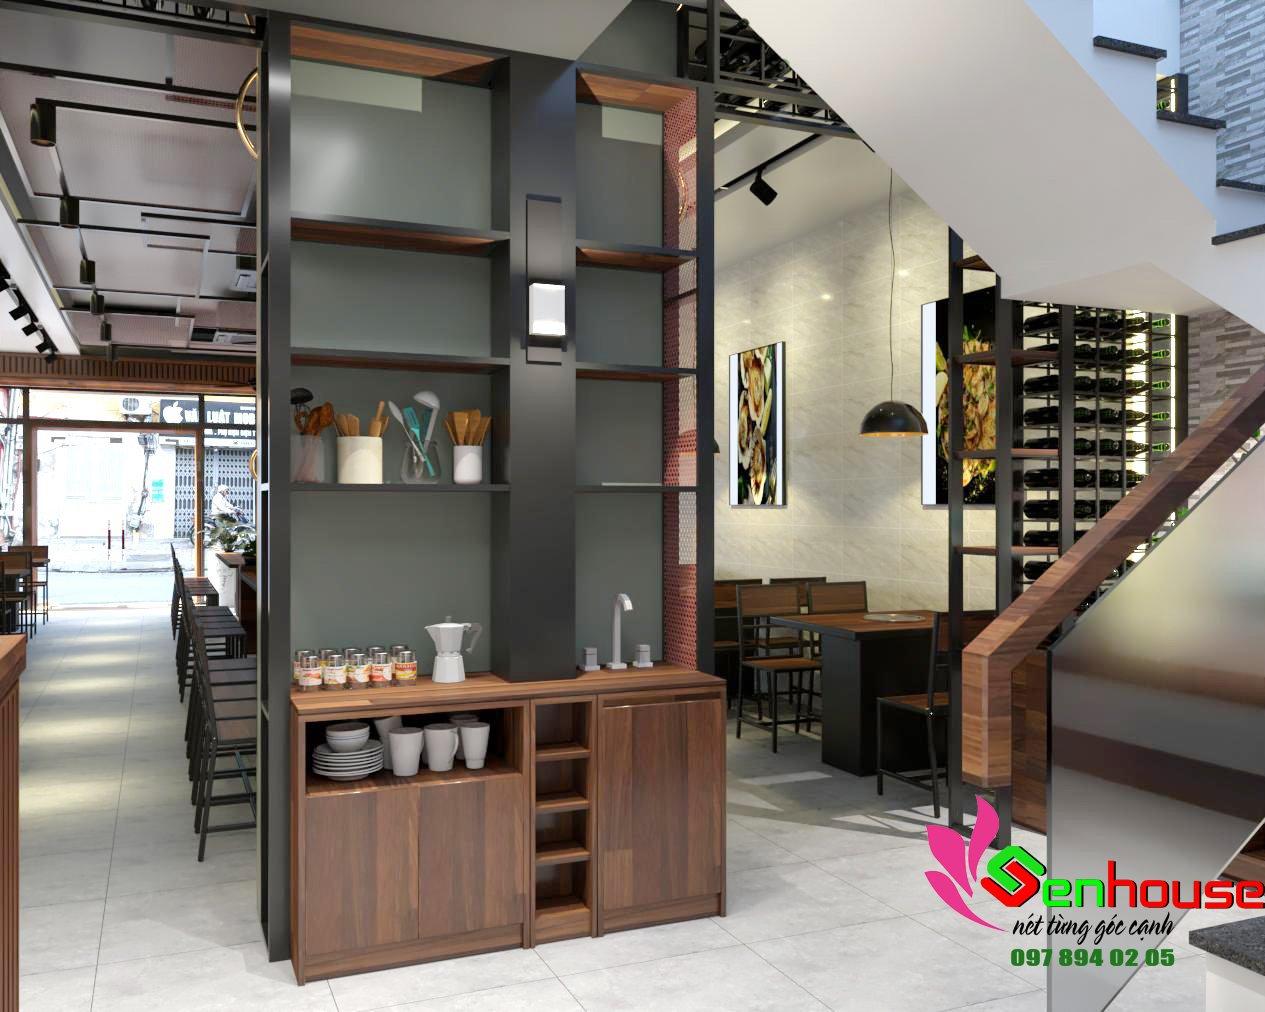 Thiết kế và thi công nội thất nhà hàng lẩu nướng tại TT Cẩm Xuyên